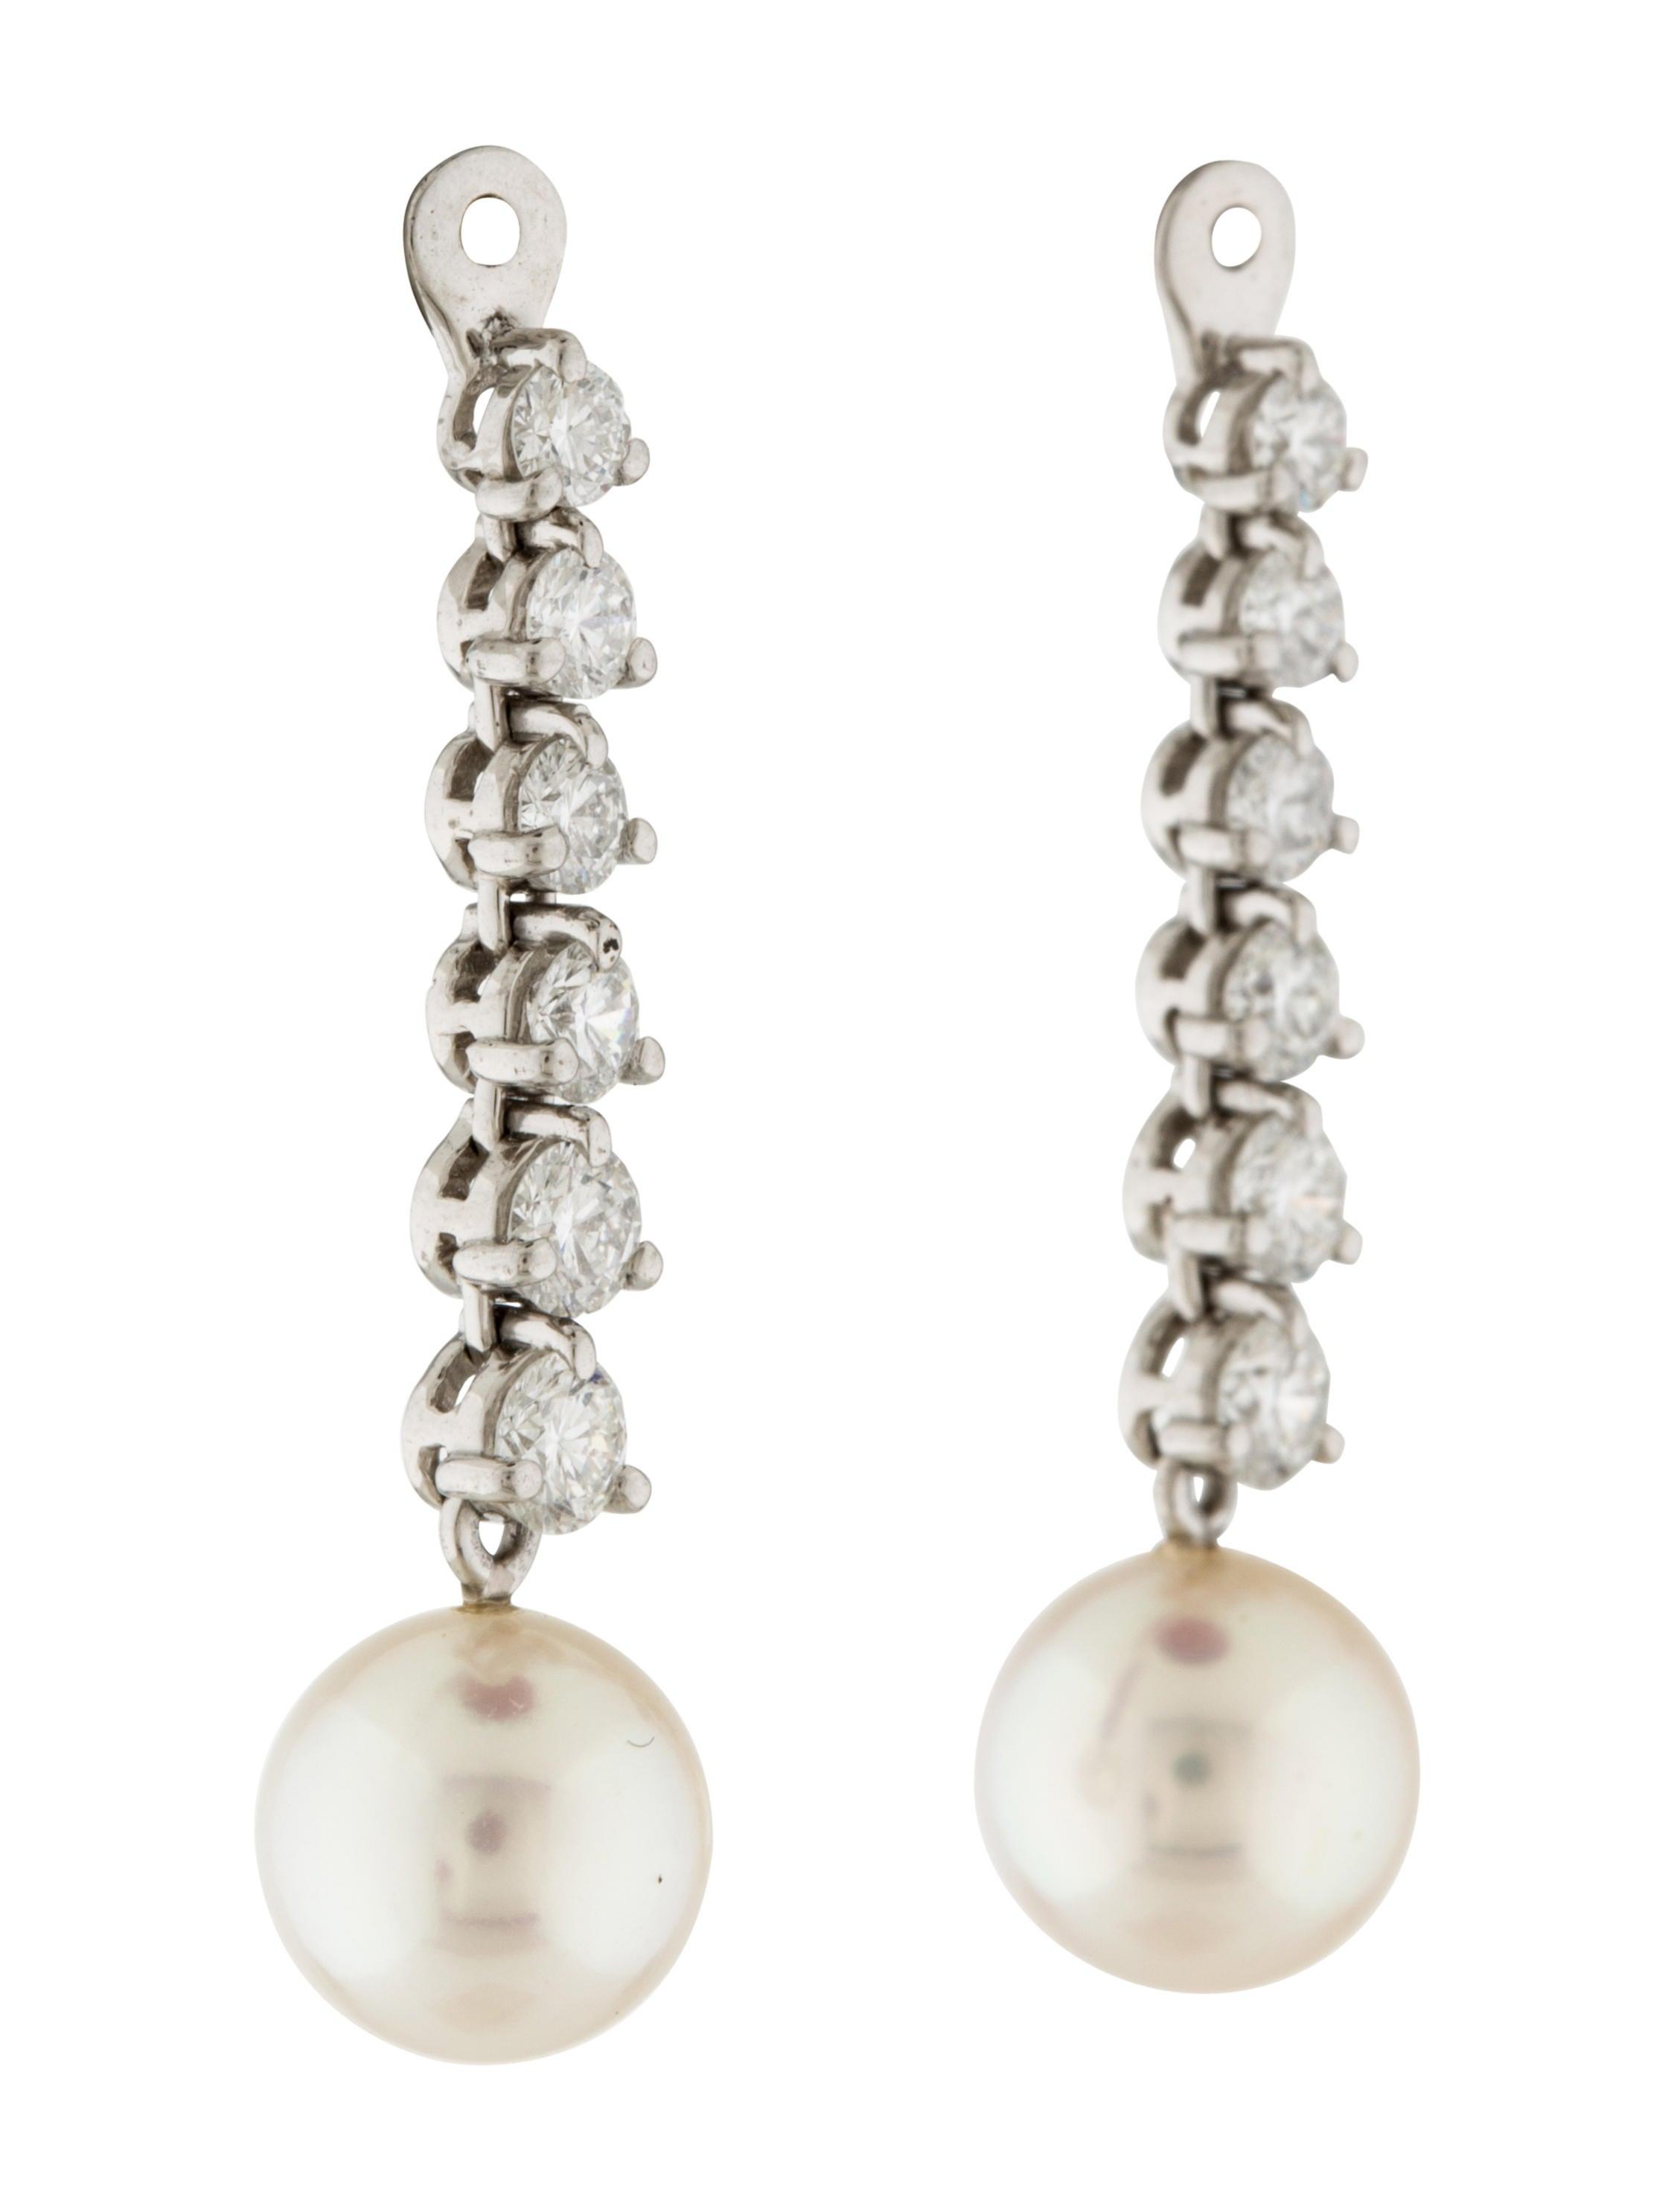 Pearl & Diamond Earring Jackets